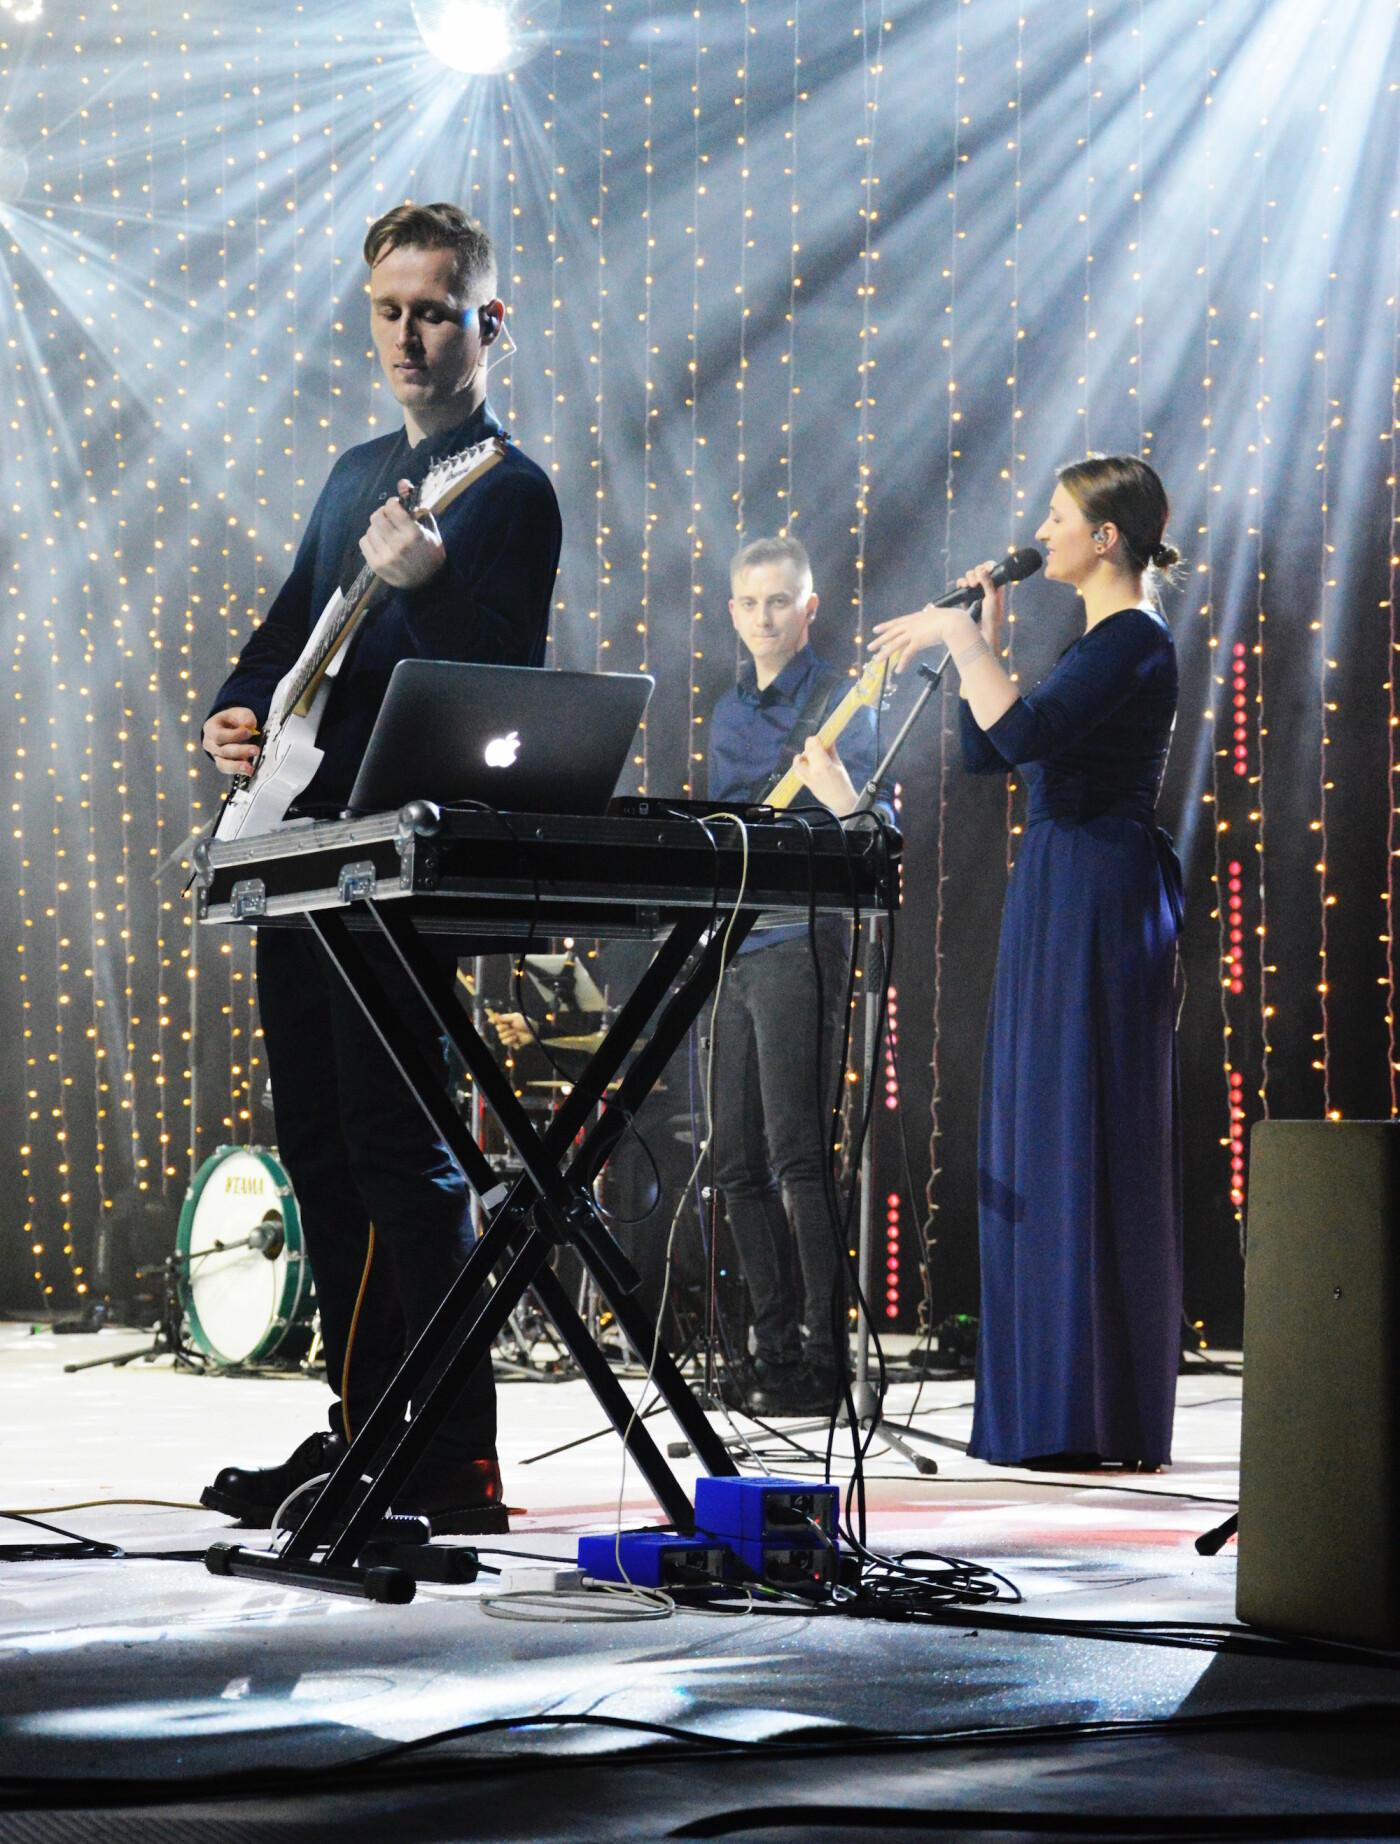 Šventinį koncertų turą pradėjusi Jurga išpakavo kalėdines staigmenas klausytojams, nuotrauka-3